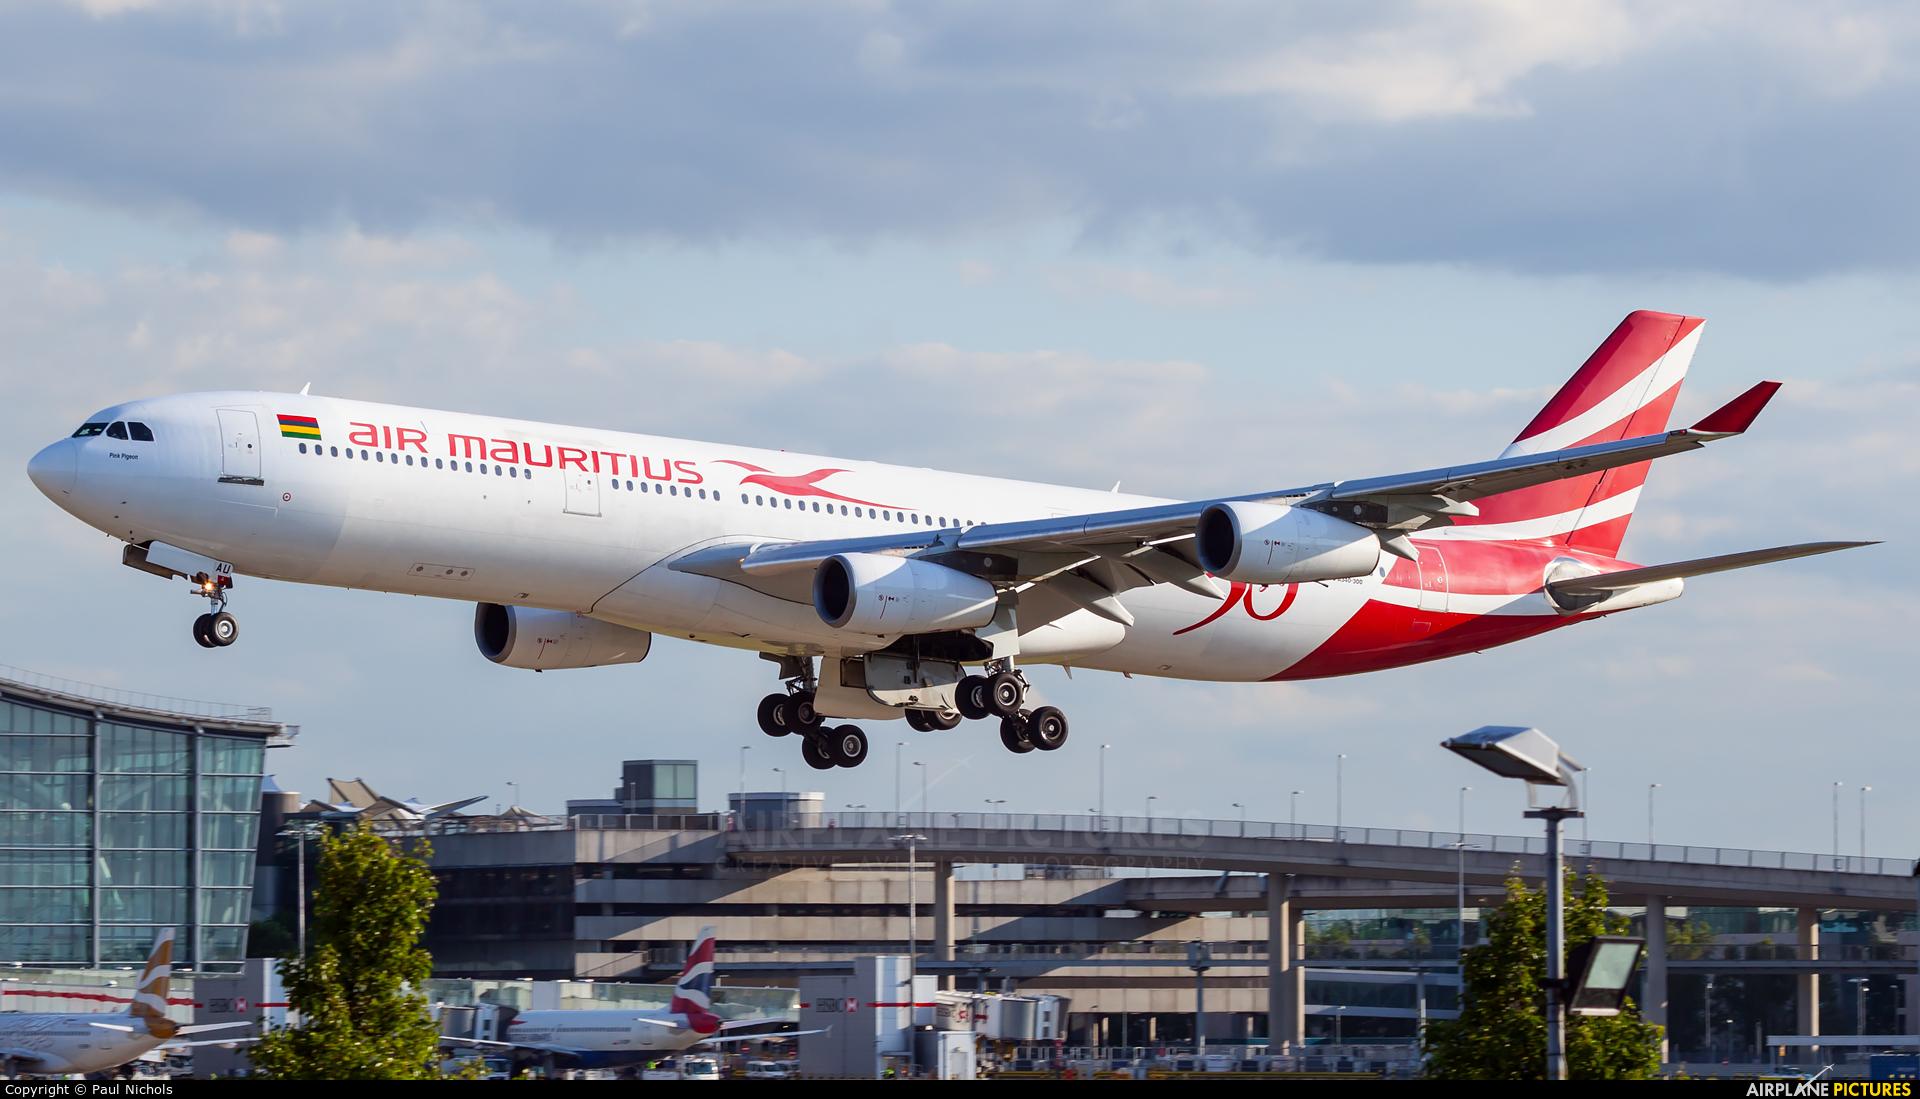 Air Mauritius 3B-NAU aircraft at London - Heathrow